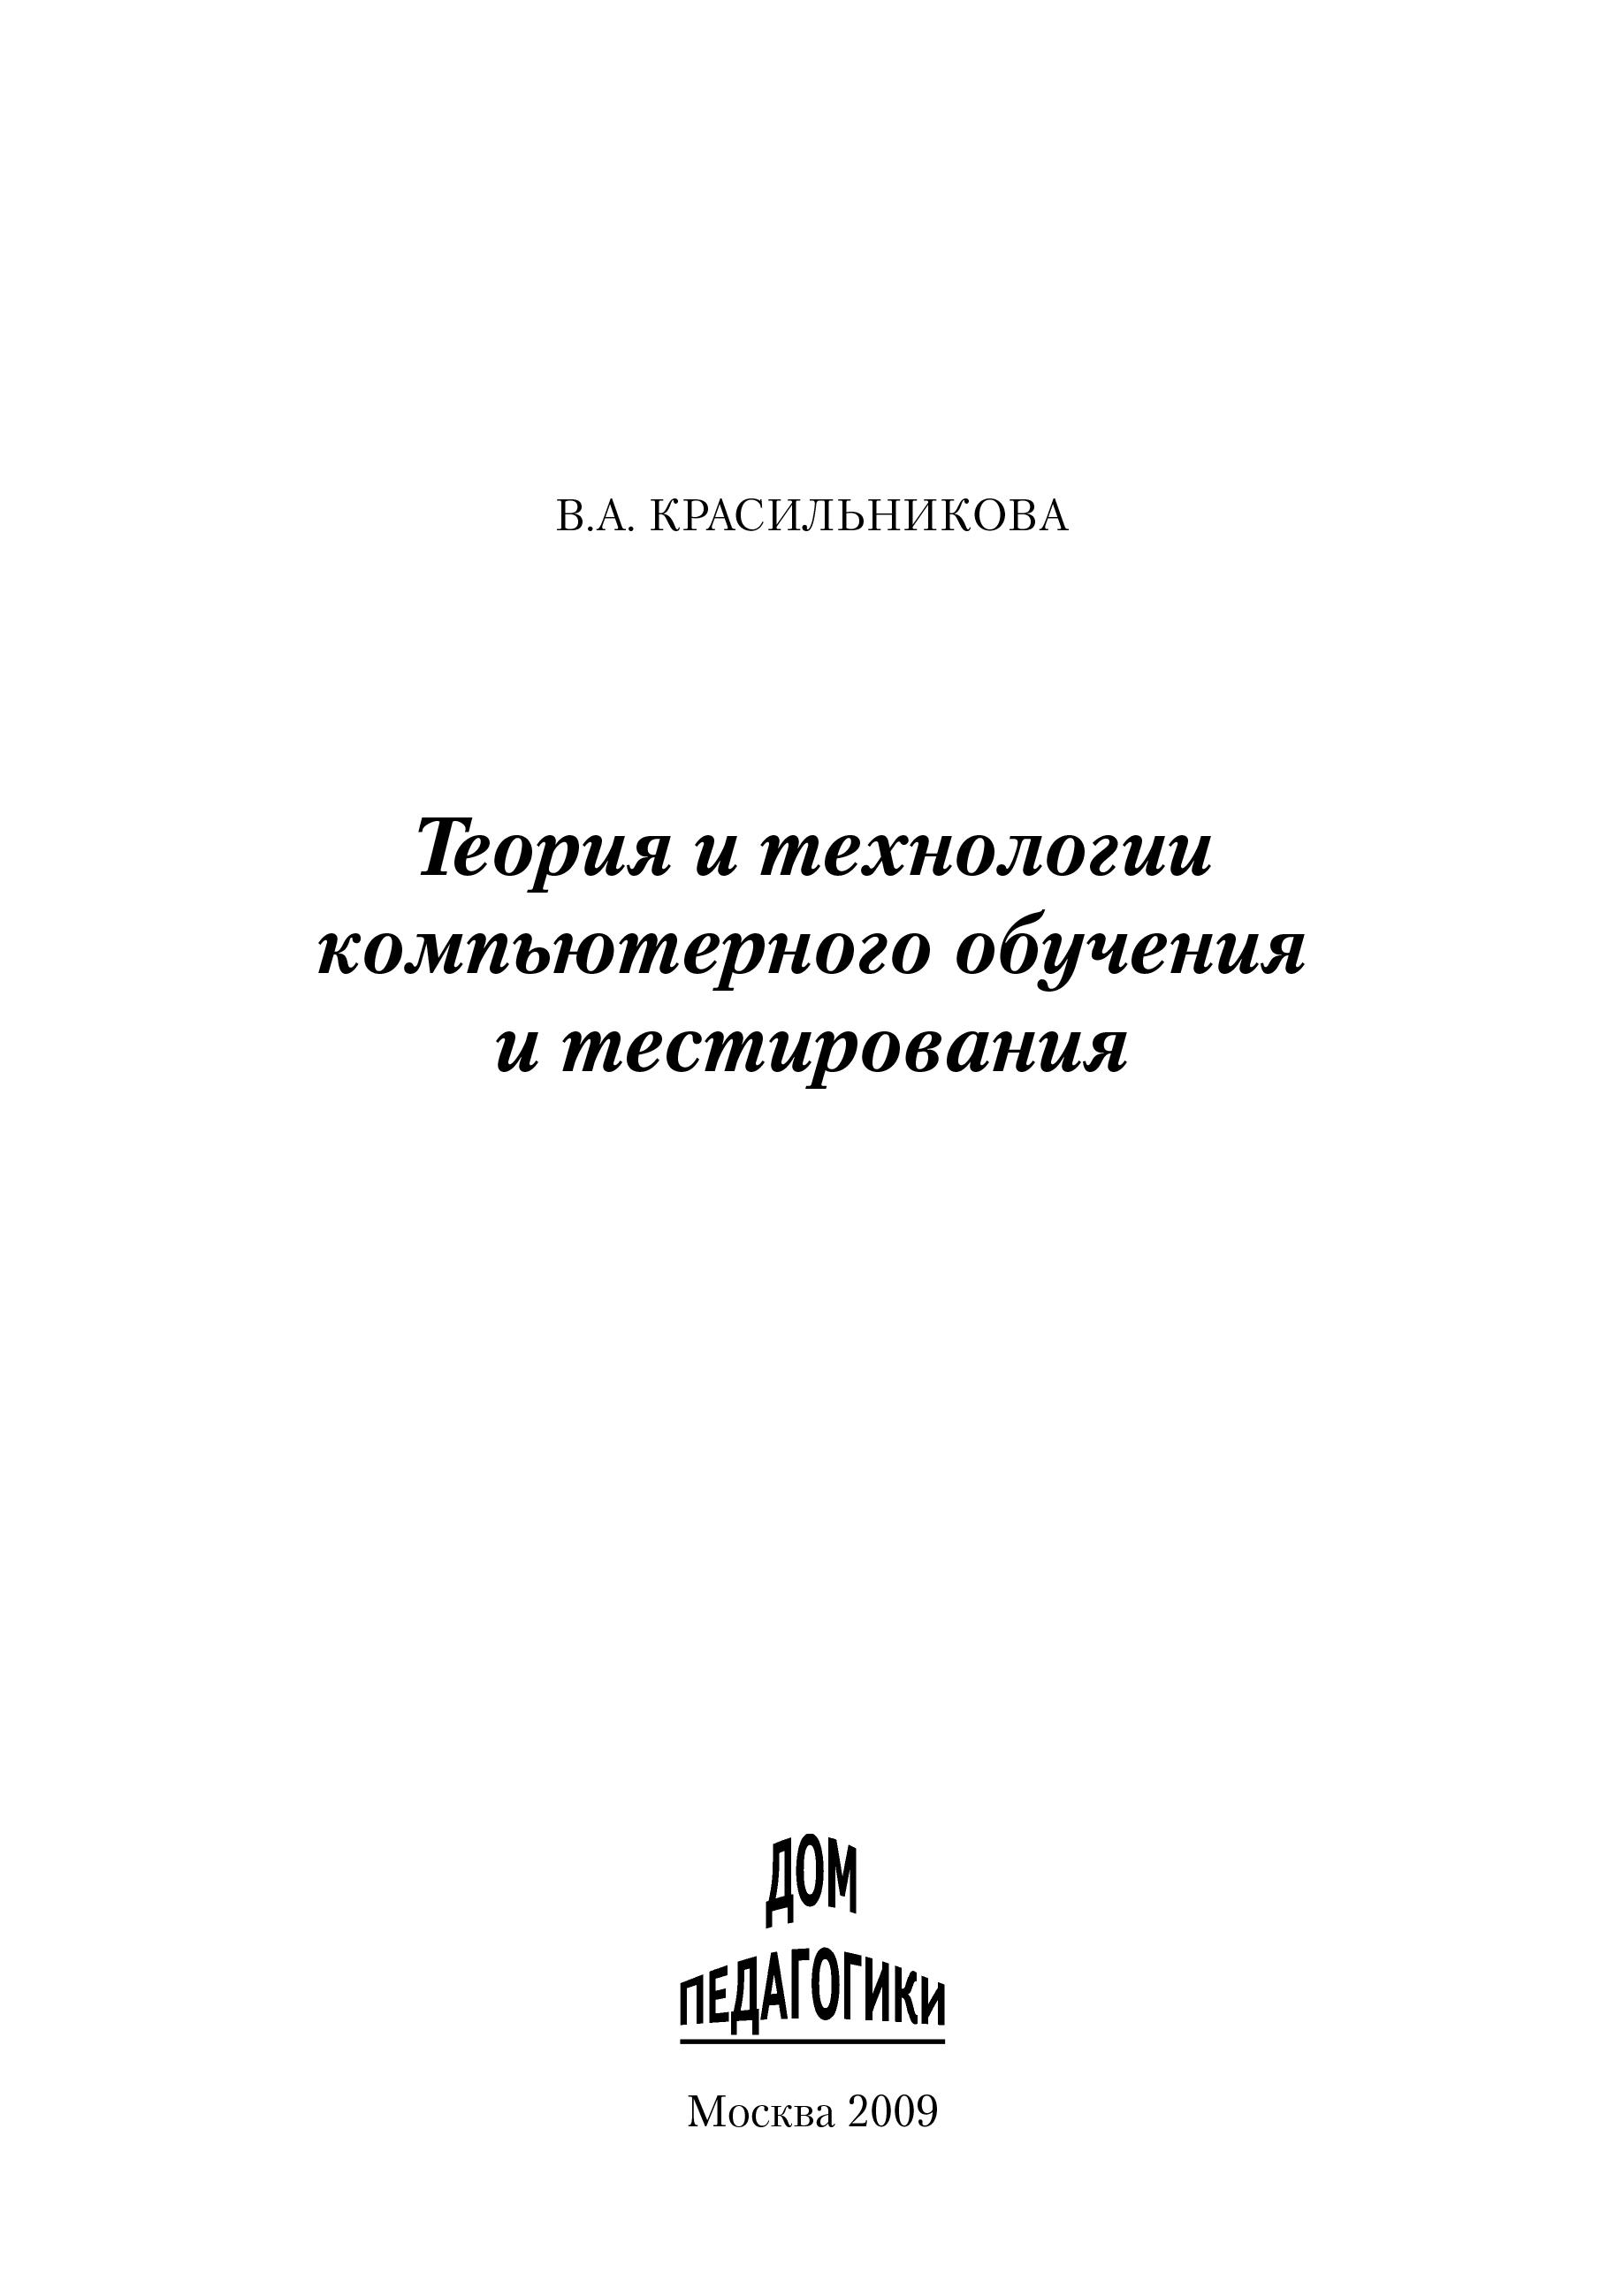 В. А. Красильникова Теория и технологии компьютерного обучения и тестирования гладкий а восстановление компьютерных данных